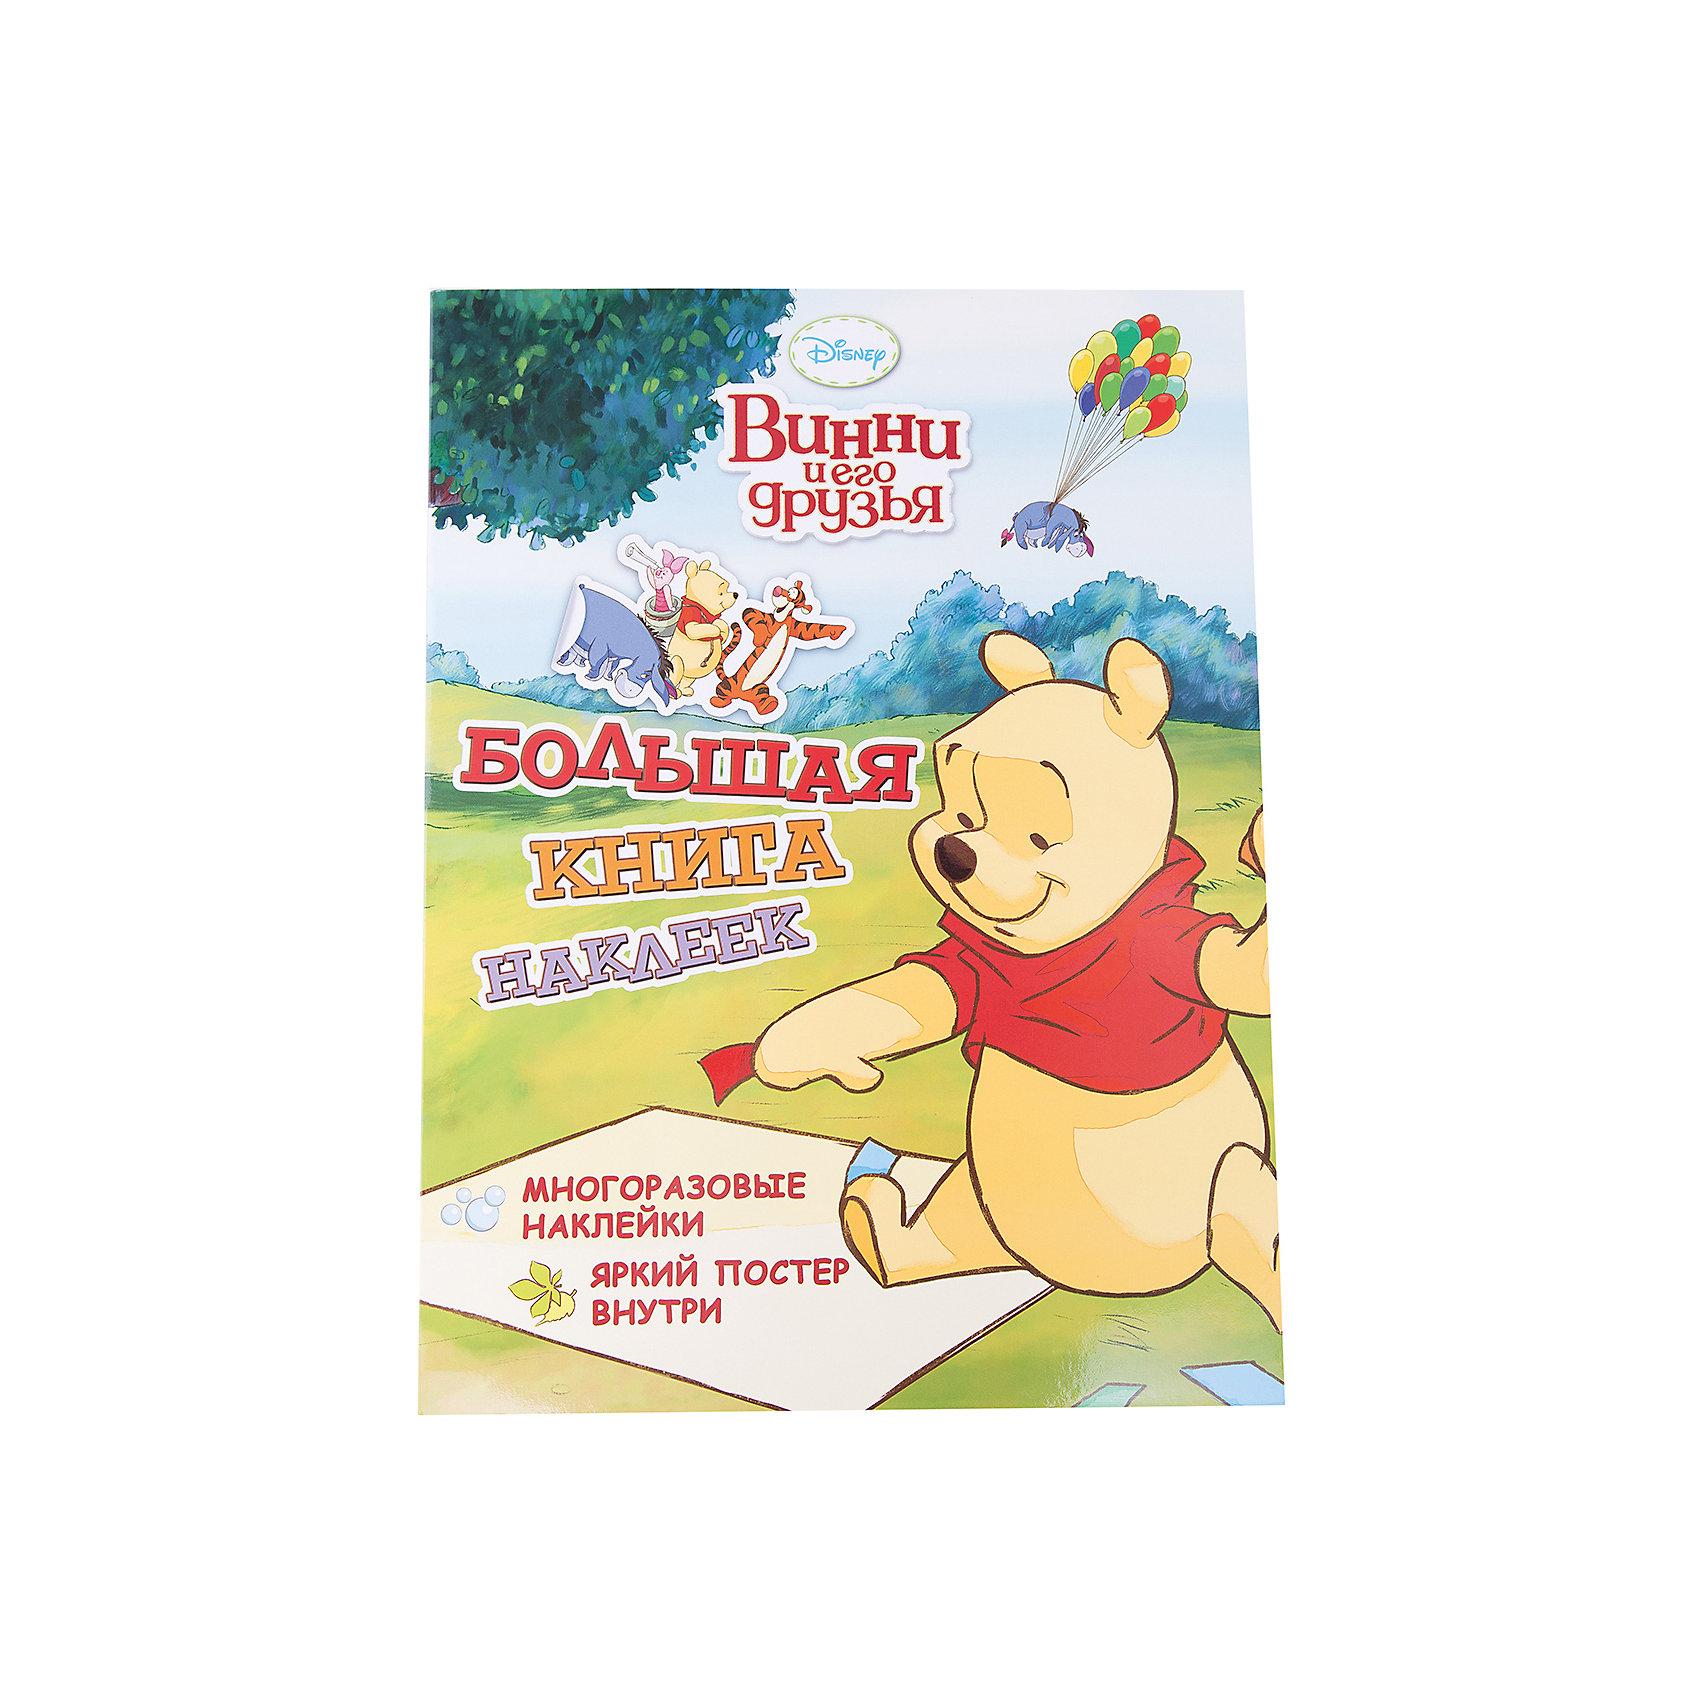 Большая книга наклеек, Disney Винни и его друзьяТворчество для малышей<br>Большая книга наклеек, Disney Винни и его друзья<br><br>Характеристики:<br><br>- В набор входит: альбом, наклейки<br>- количество страниц: 8<br>- формат: 30 * 40 * 0,3 см.<br>- Тип обложки: мягкая<br>- вес: 140 гр.<br><br>Сто наклеек из известного мультфильма студии Disney (Дисней) «Винни и его друзья» помогут приукрасить любые школьные принадлежности от пеналов до тетрадей. С ярким постером внутри будет интересно проходить новые задания, приклеивая наклейки. Можно наклеивать любимых персонажей в тетради или раскраски про Винни и его друзей. А можно и нарисовать что-то свое и добавить в свою картину любимых героев. Наклейки будут отлично смотреться и в открытках, на конвертах или подарочных упаковках и станут необычайным дополнением для любителей фильма. Также ими можно оживить детскую комнату, приклеив их на детали мебели. Эти наклейки многоразовые, поэтому легко открепляются и не оставляют следов. <br><br>Большую книгу наклеек, Disney Винни и его друзья можно купить в нашем интернет-магазине.<br><br>Ширина мм: 300<br>Глубина мм: 400<br>Высота мм: 3<br>Вес г: 140<br>Возраст от месяцев: 36<br>Возраст до месяцев: 72<br>Пол: Унисекс<br>Возраст: Детский<br>SKU: 5109571